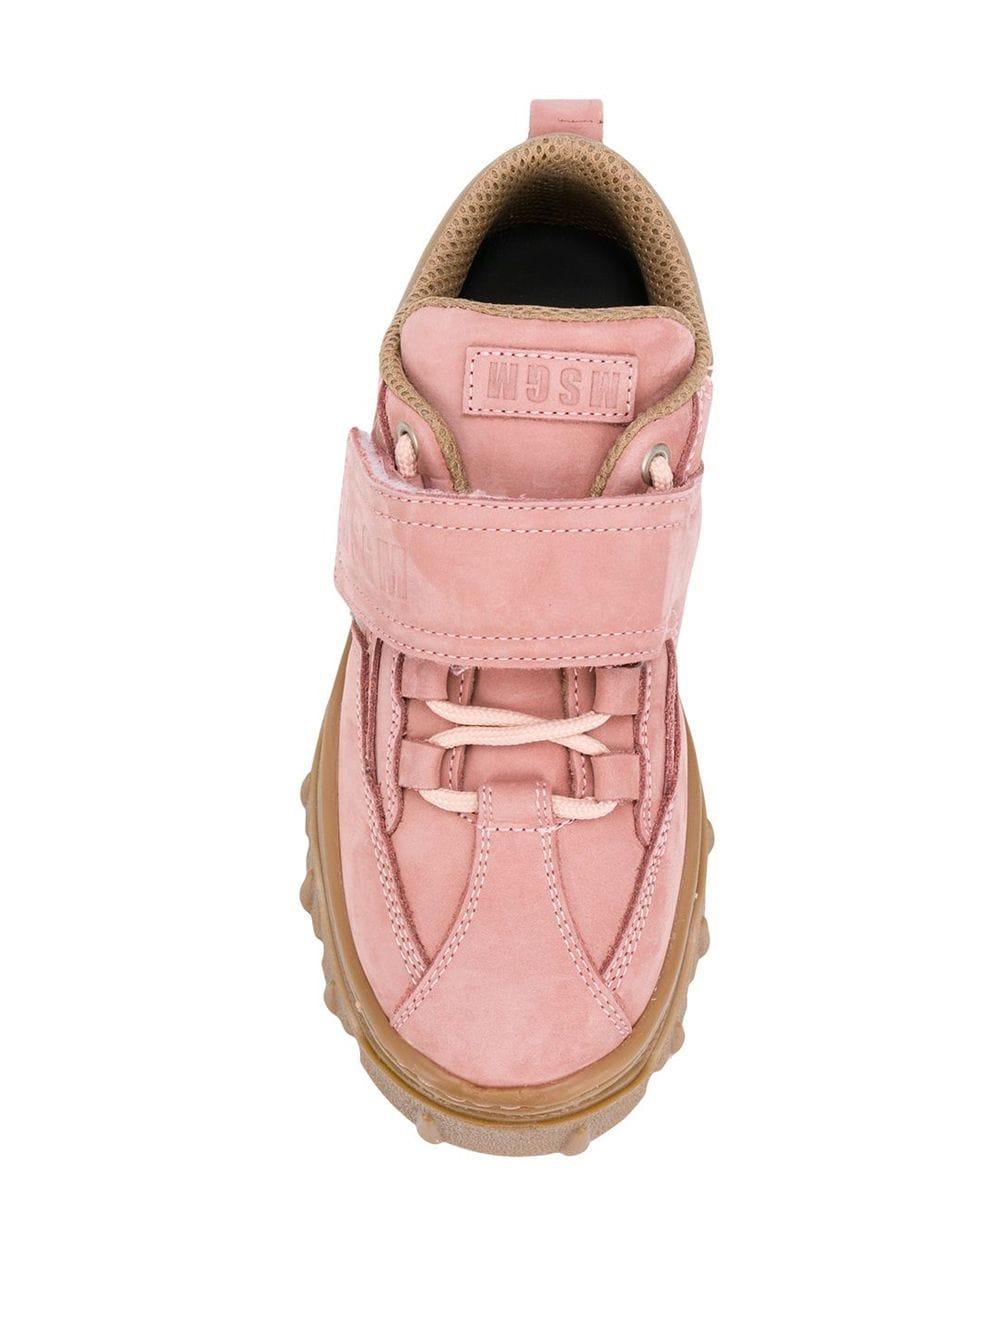 MSGM | MSGM кроссовки с полосками с логотипом | Clouty